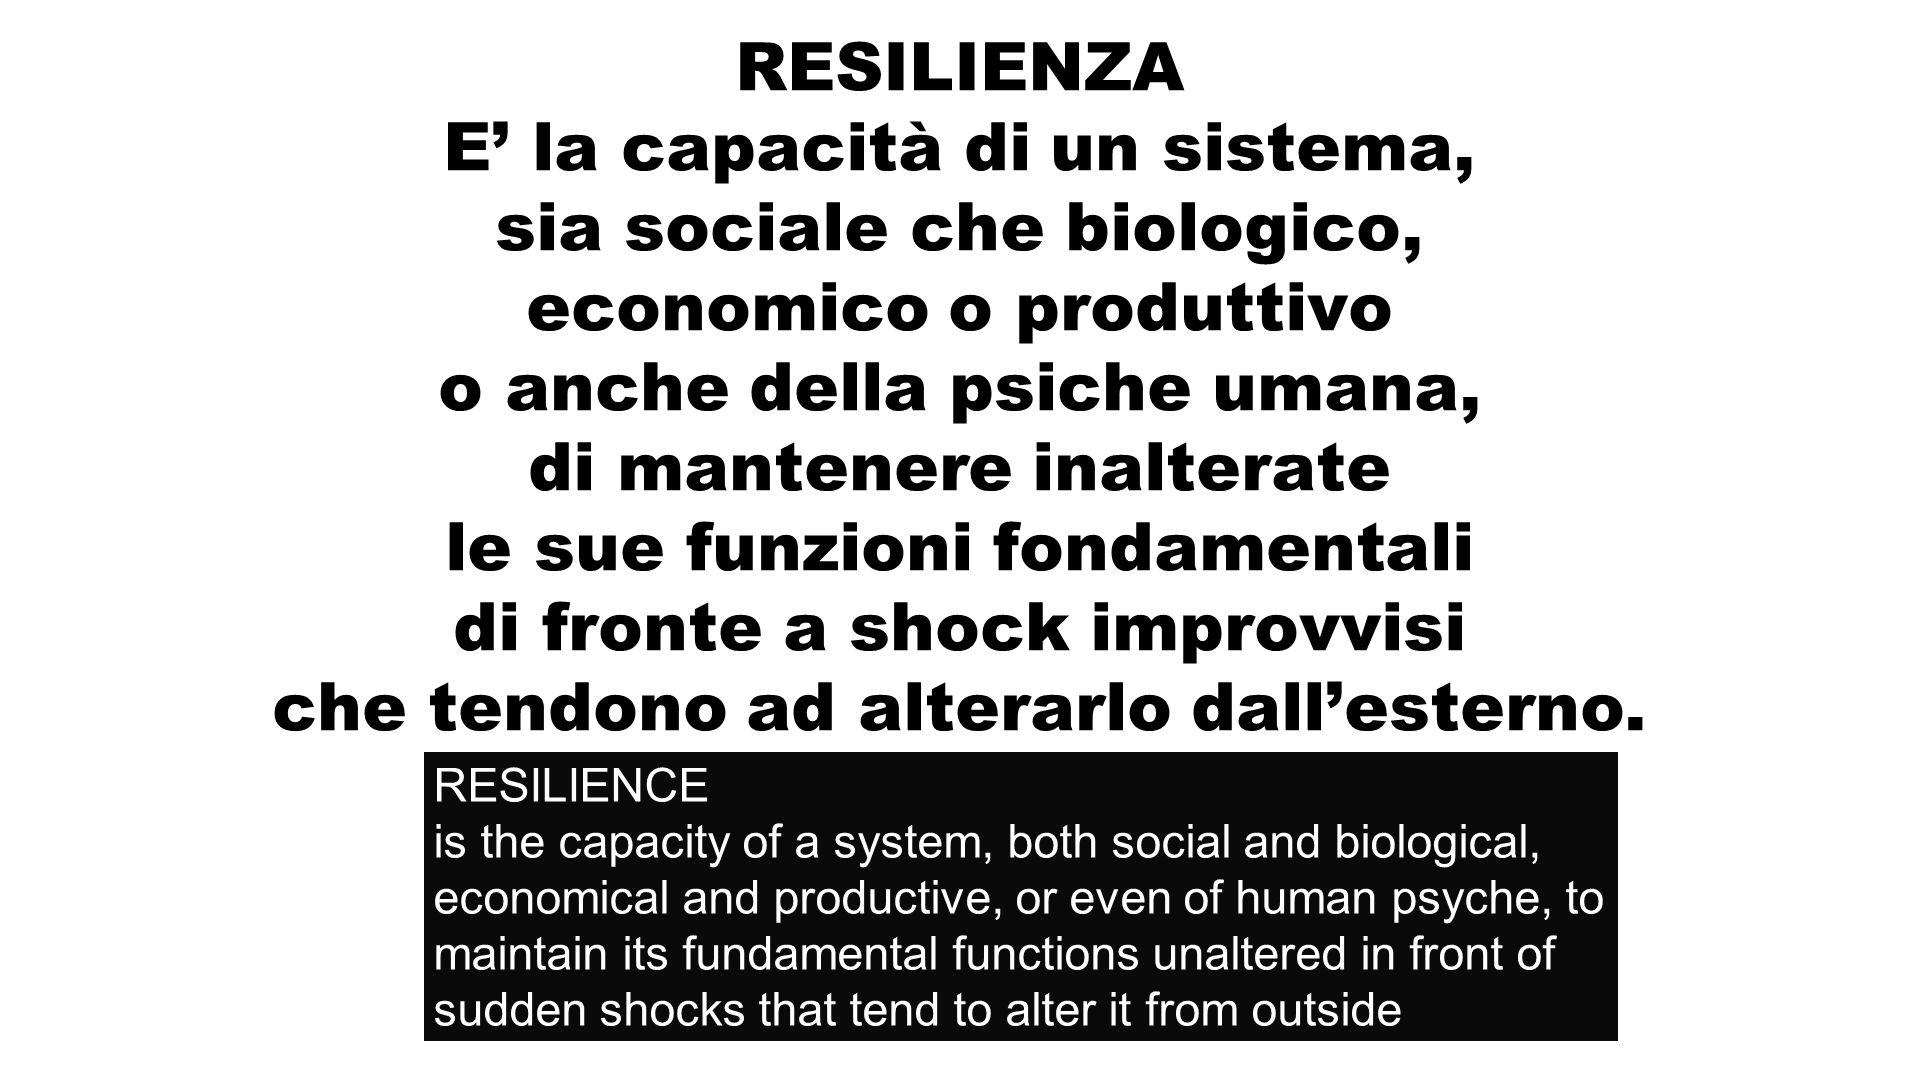 RESILIENZA E la capacità di un sistema, sia sociale che biologico, economico o produttivo o anche della psiche umana, di mantenere inalterate le sue funzioni fondamentali di fronte a shock improvvisi che tendono ad alterarlo dallesterno.